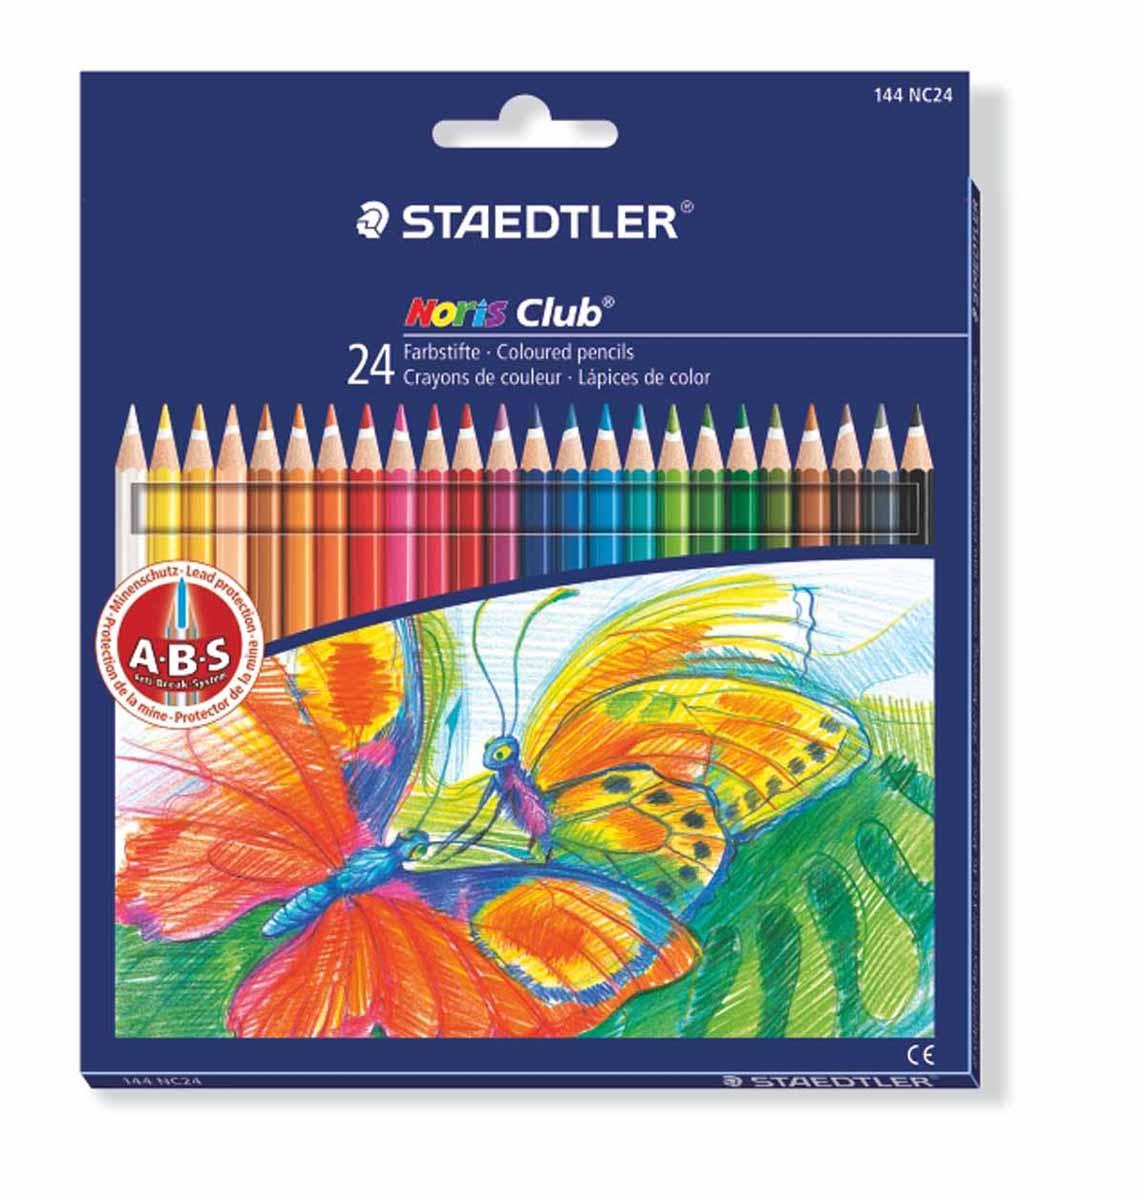 Staedtler Набор цветных карандашей Noris Club 24 цвета144NC2410Цветные карандаши Staedtler Noris Club обладают классической шестиугольной формой. Разработанные специально для детей они имеют мягкий грифель и насыщенные цвета, а белое защитное покрытие грифеля (А·B·S) делает его более устойчивым к повреждению. С цветными карандашами Noris Club ваши дети будут создавать яркие и запоминающиеся рисунки.В наборе 24 карандаша.